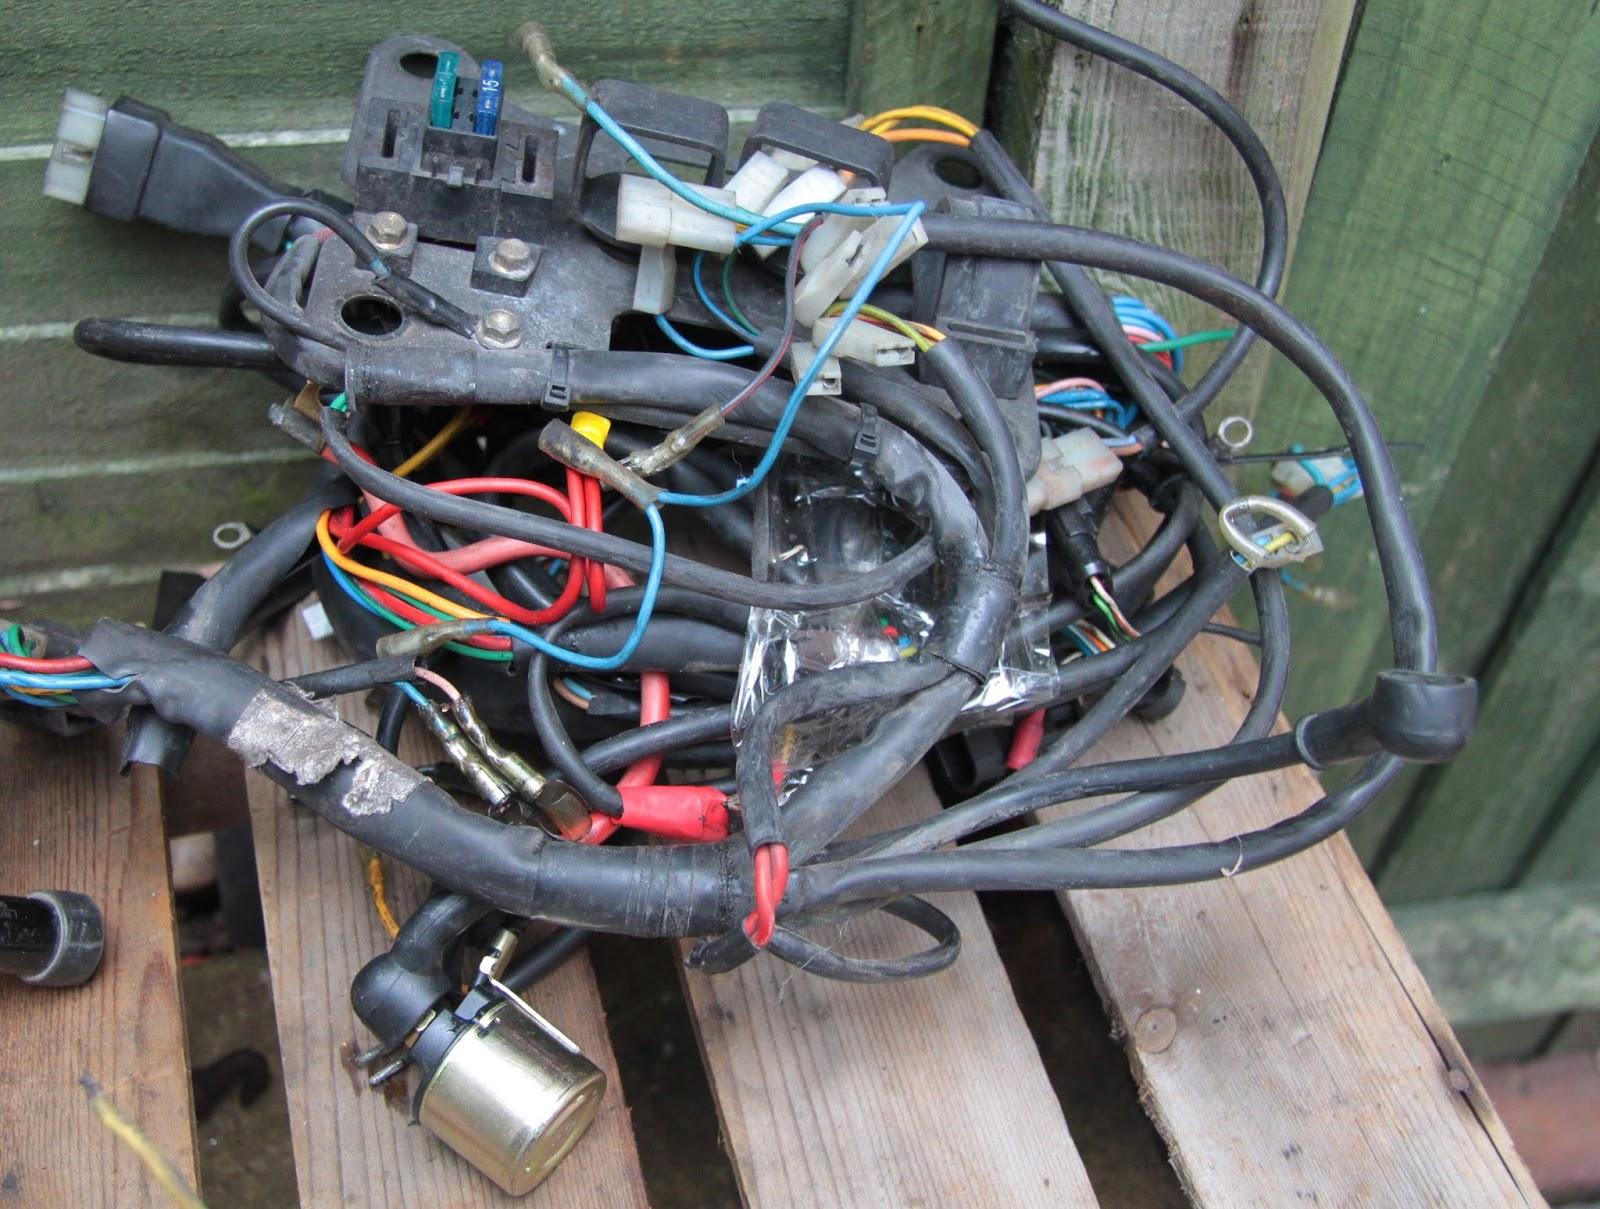 Cagiva Mito 125   Cagiva Mito 125 Ducati Nrg D